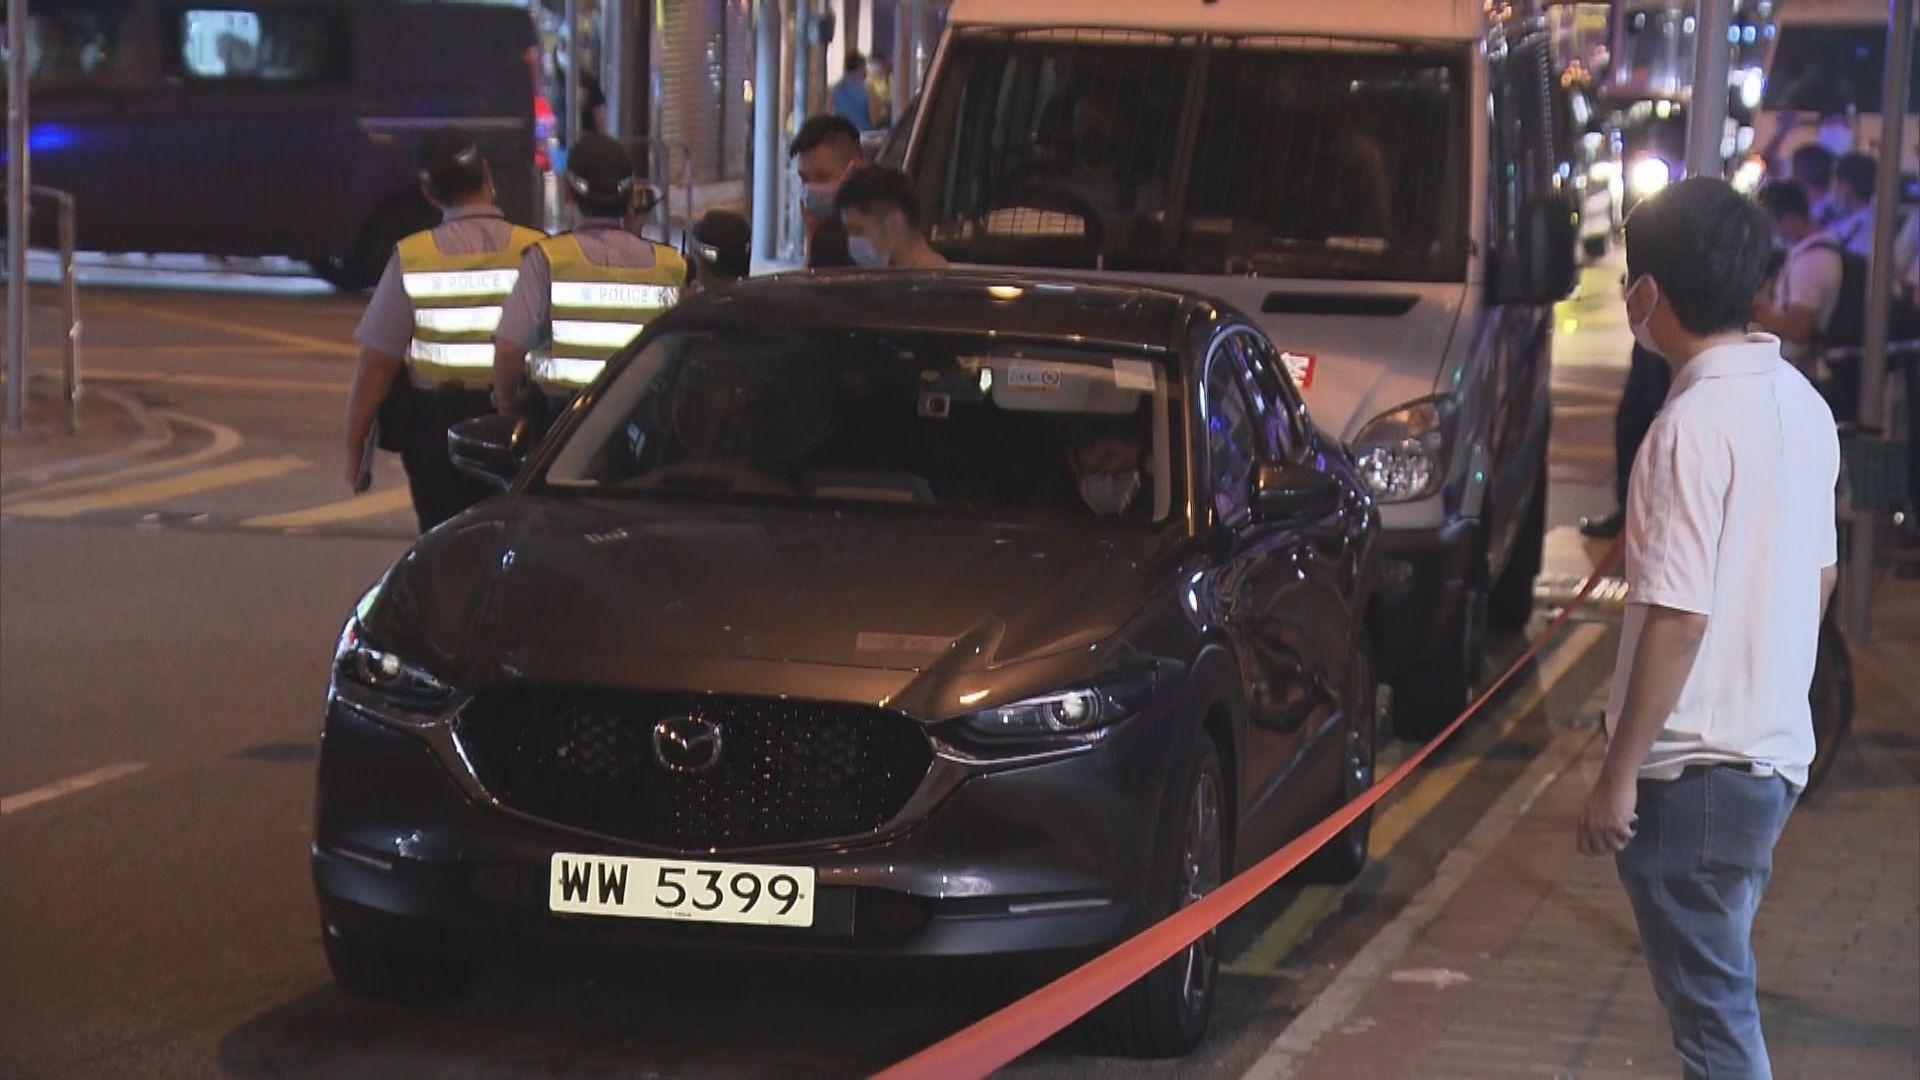 根據運輸署紀錄 跟蹤許智峯私家車登記車主為租車公司